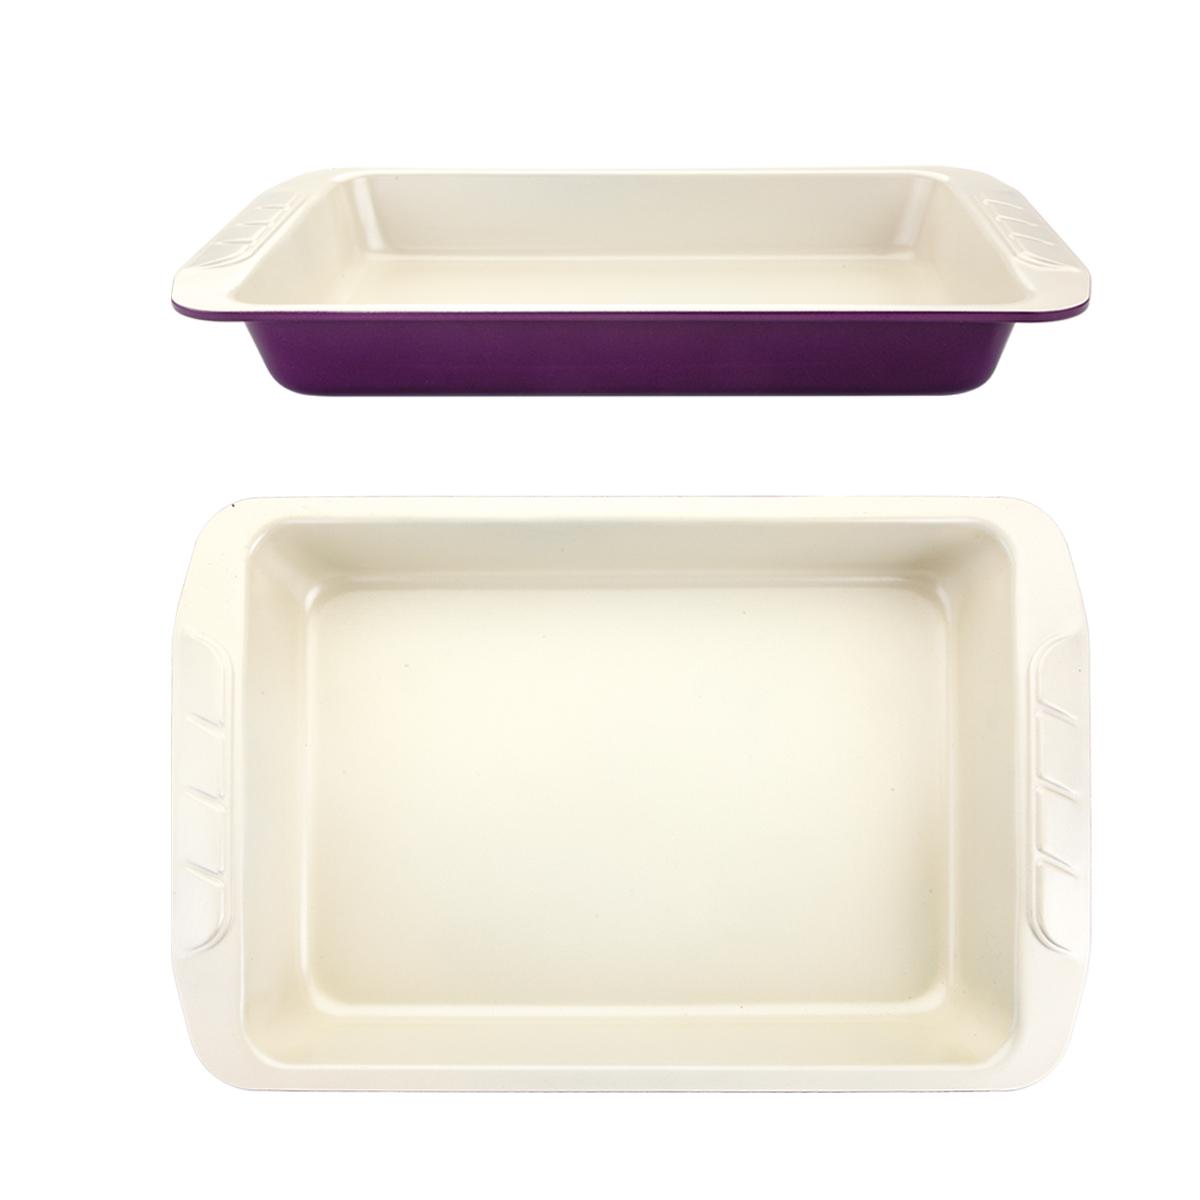 Форма для выпечки Augustin Welz, с керамическим покрытием, цвет: бежевый, фиолетовый, 40 х 25,5 х 5 смAW-2151Форма Augustin Welz будет отличным выбором для всех любителей домашней выпечки. Особое высокотехнологичное антипригарное покрытие обеспечивает моментальное снятие выпечки с противня, его легкую очистку после использования. В форме используется углеродистая сталь 0,8 мм с керамическим антипригарным покрытием без содержания политетрафторэтилена и перфтороктановой кислоты. Форма выдерживает температуру от 230°C - 450°C. Подходит для использования в духовке. Можно мыть в посудомоечной машине, не рекомендовано использование абразивных чистящих средств. Использовать только пластиковые, деревянные или силиконовые аксессуары. Для смазывания и присыпки противня следуйте рецепту или инструкции на упаковке полуфабрикатов. Не рекомендуется использовать кулинарные спреи. С такой формой вы всегда сможете порадовать своих близких оригинальной выпечкой.